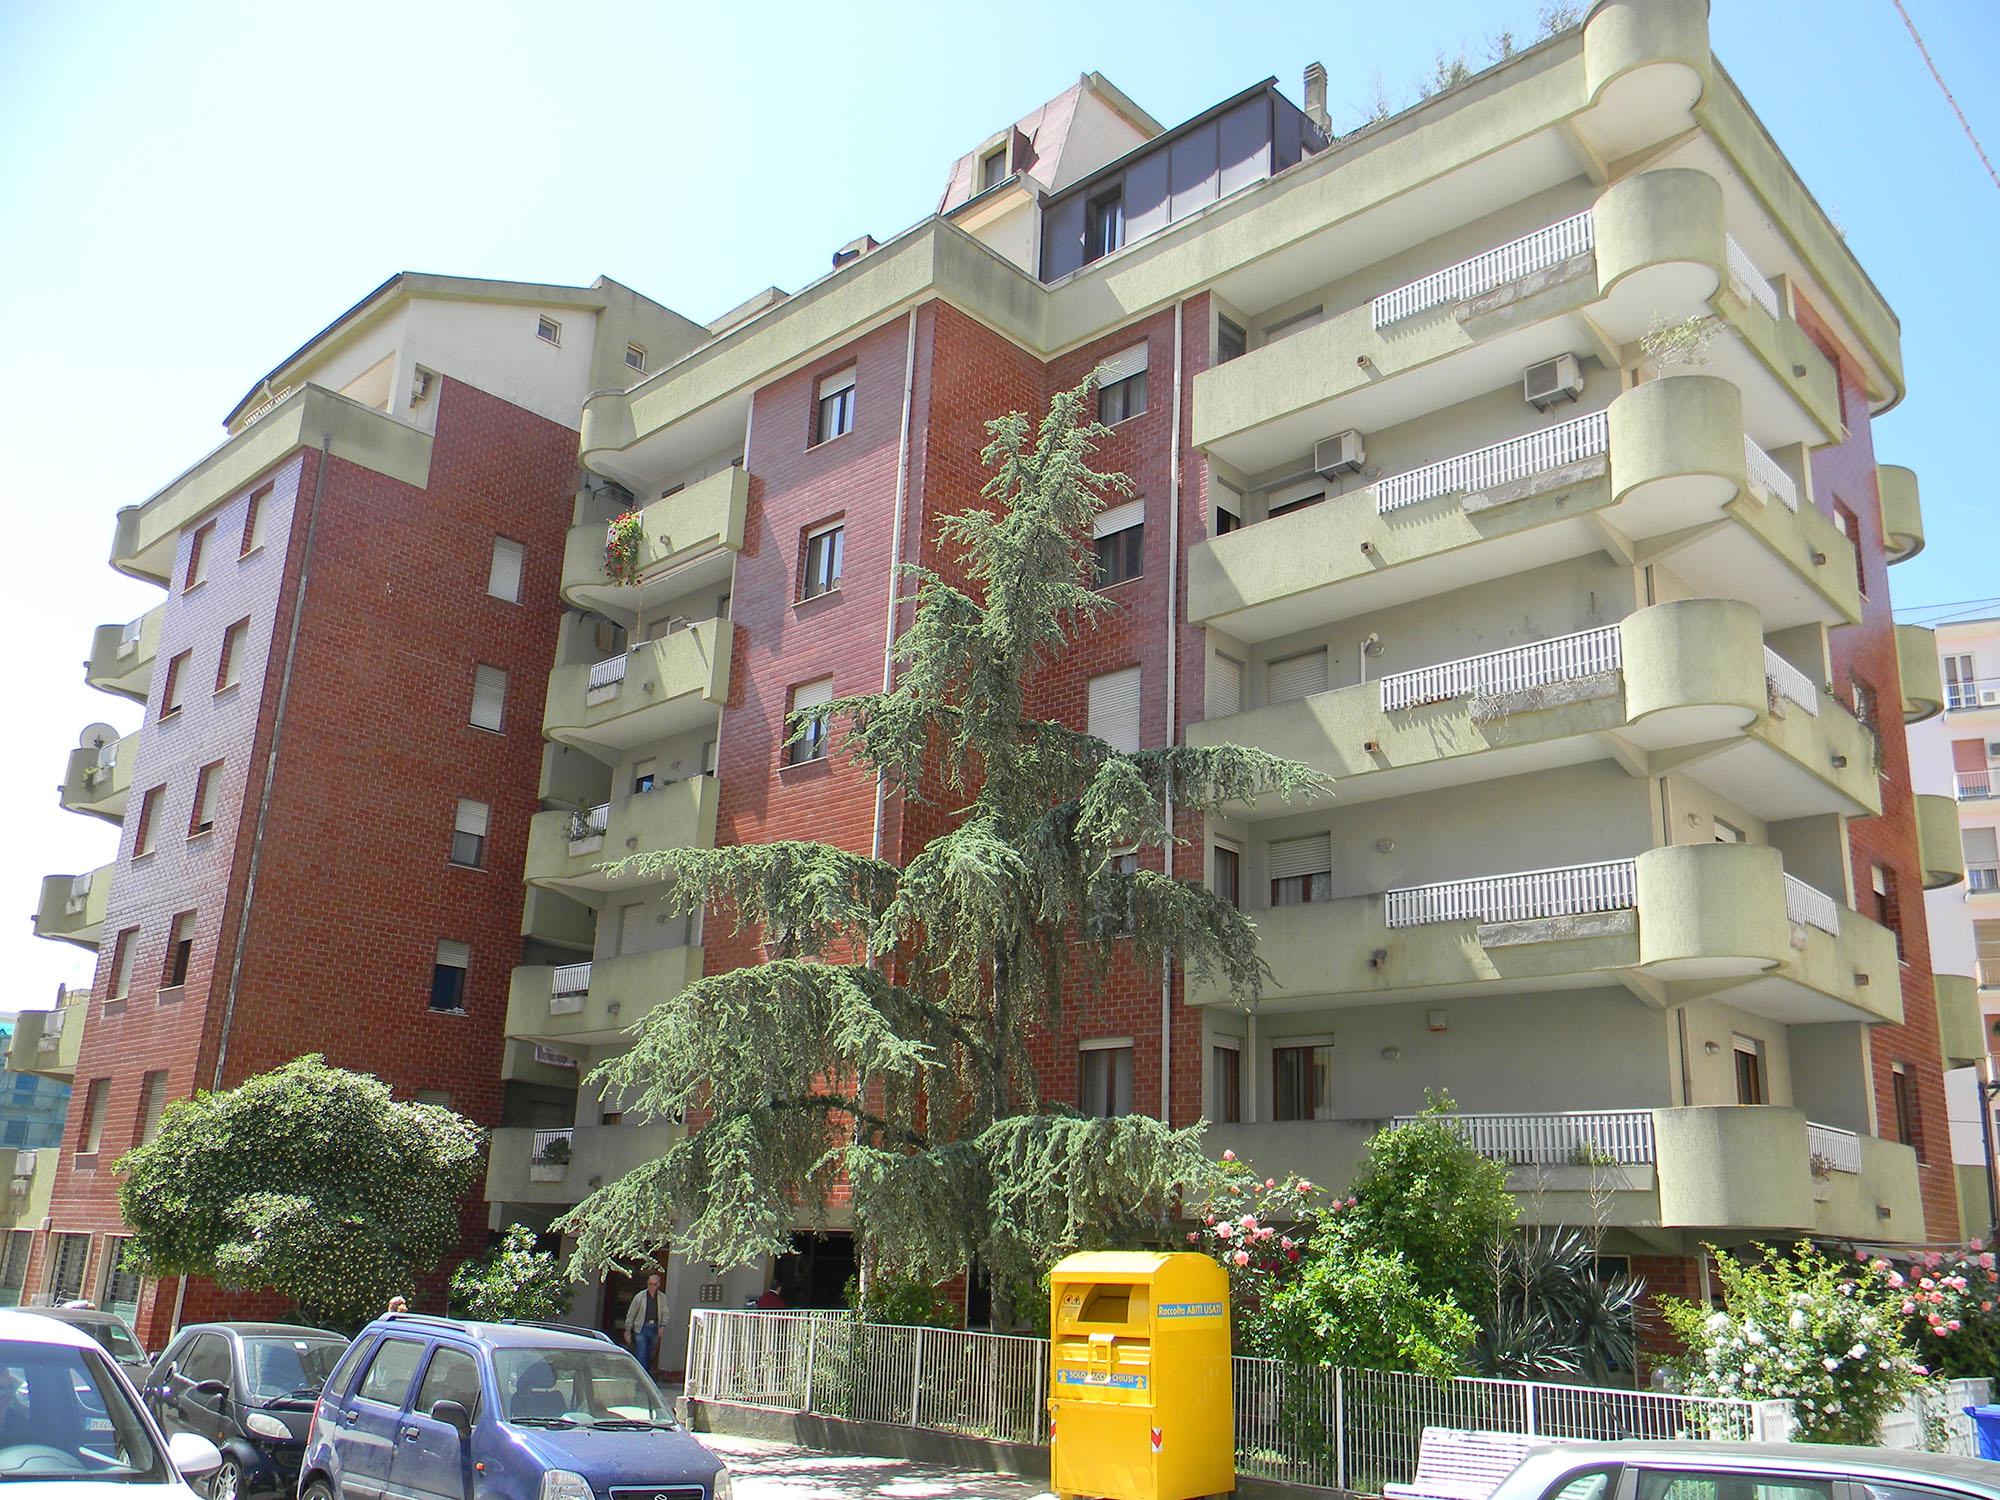 Via Genova